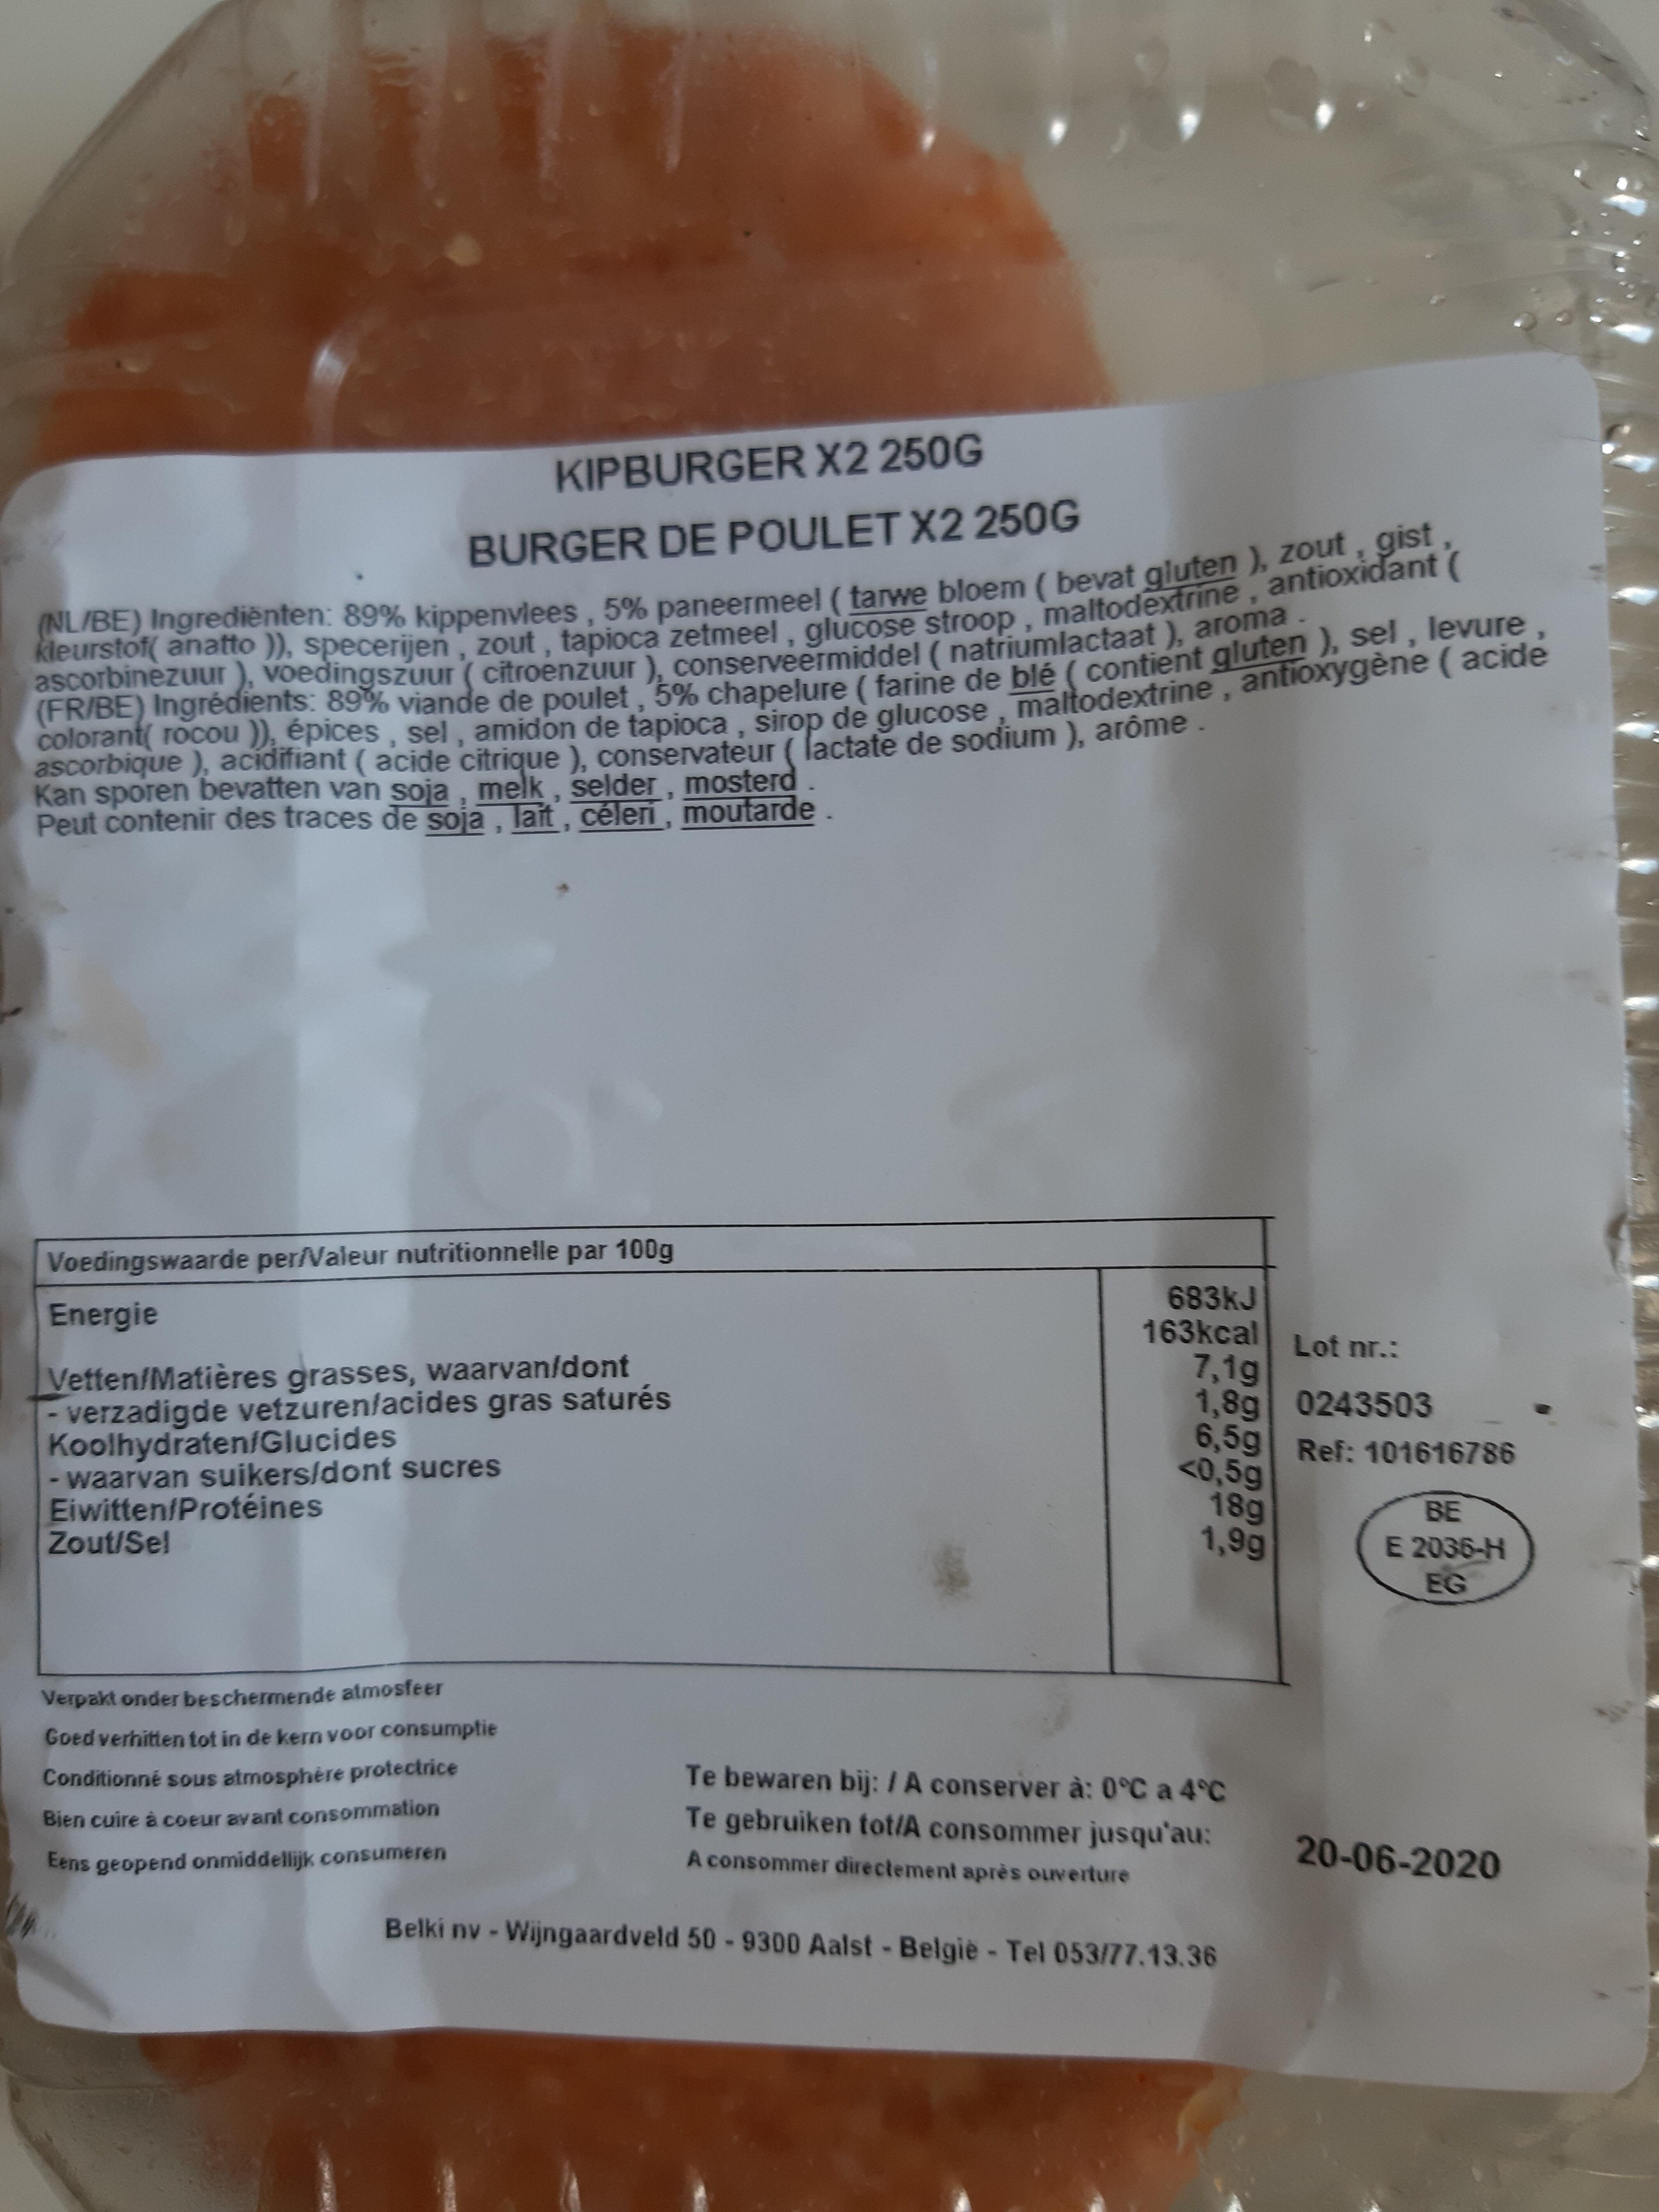 burger de poulet ×2 250g - Product - fr